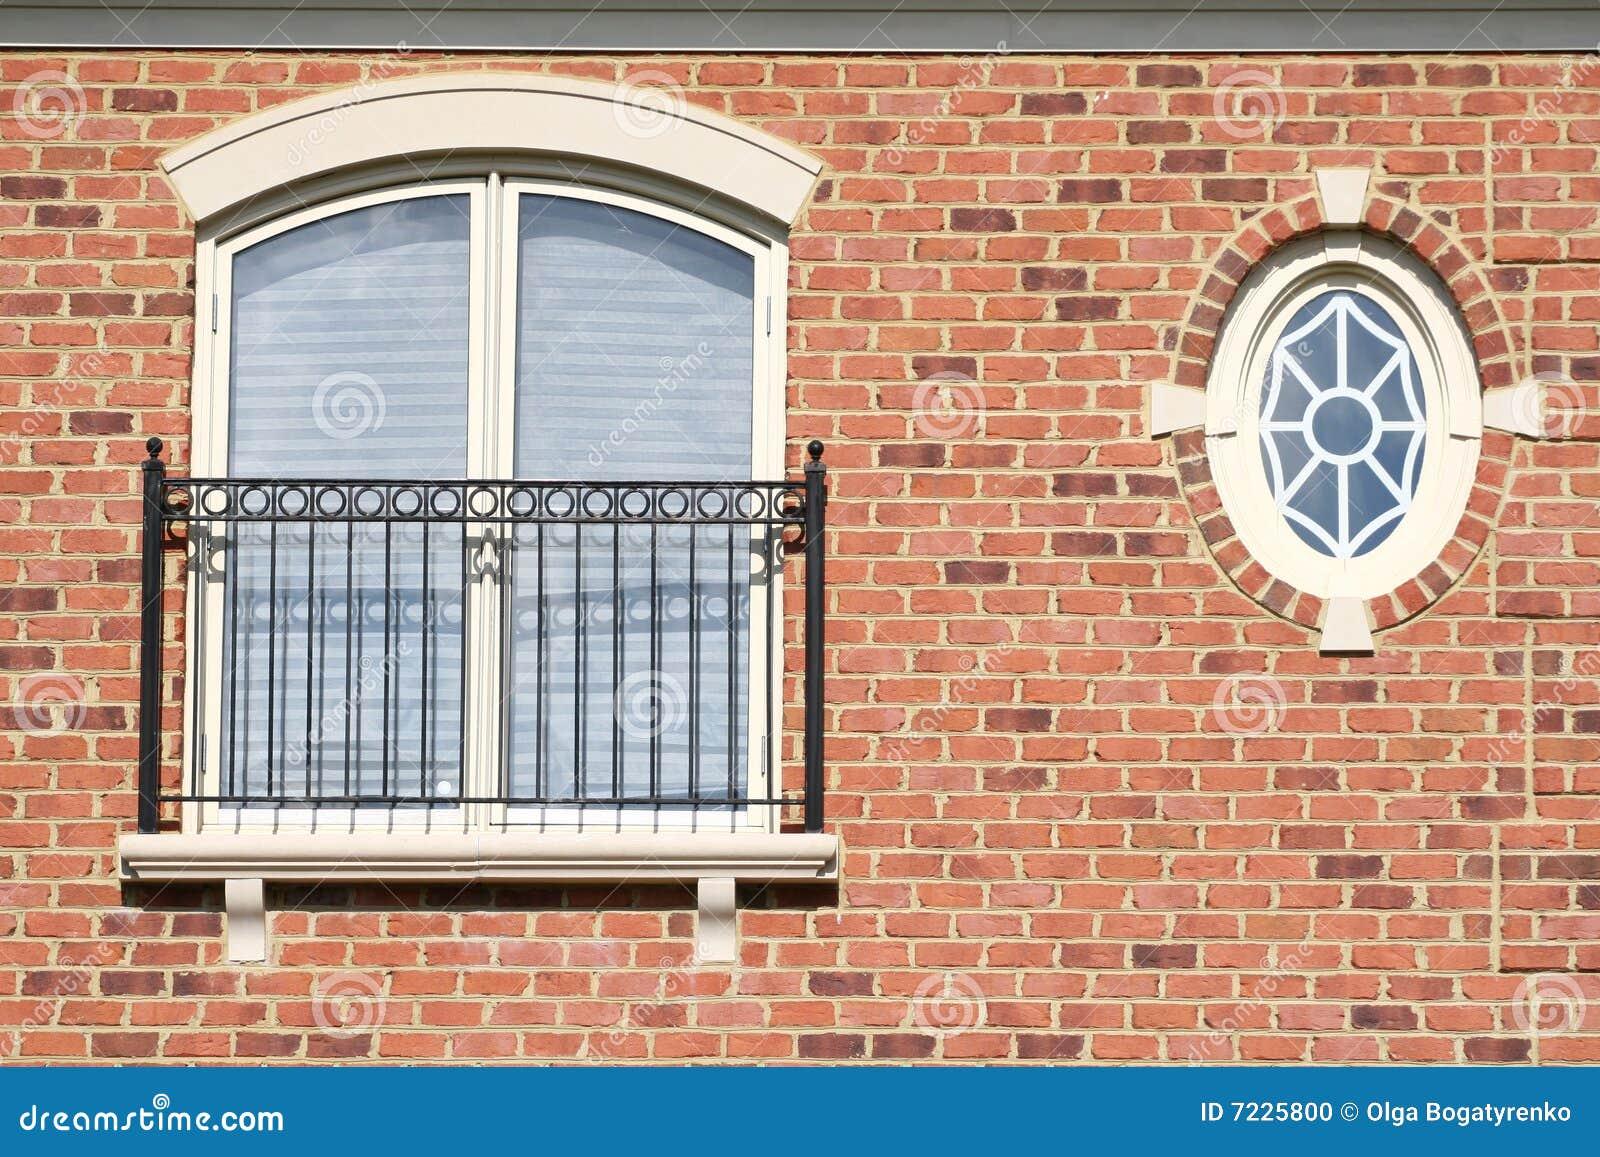 Finestra rotonda muro di mattoni balcone fotografia for Finestra balcone